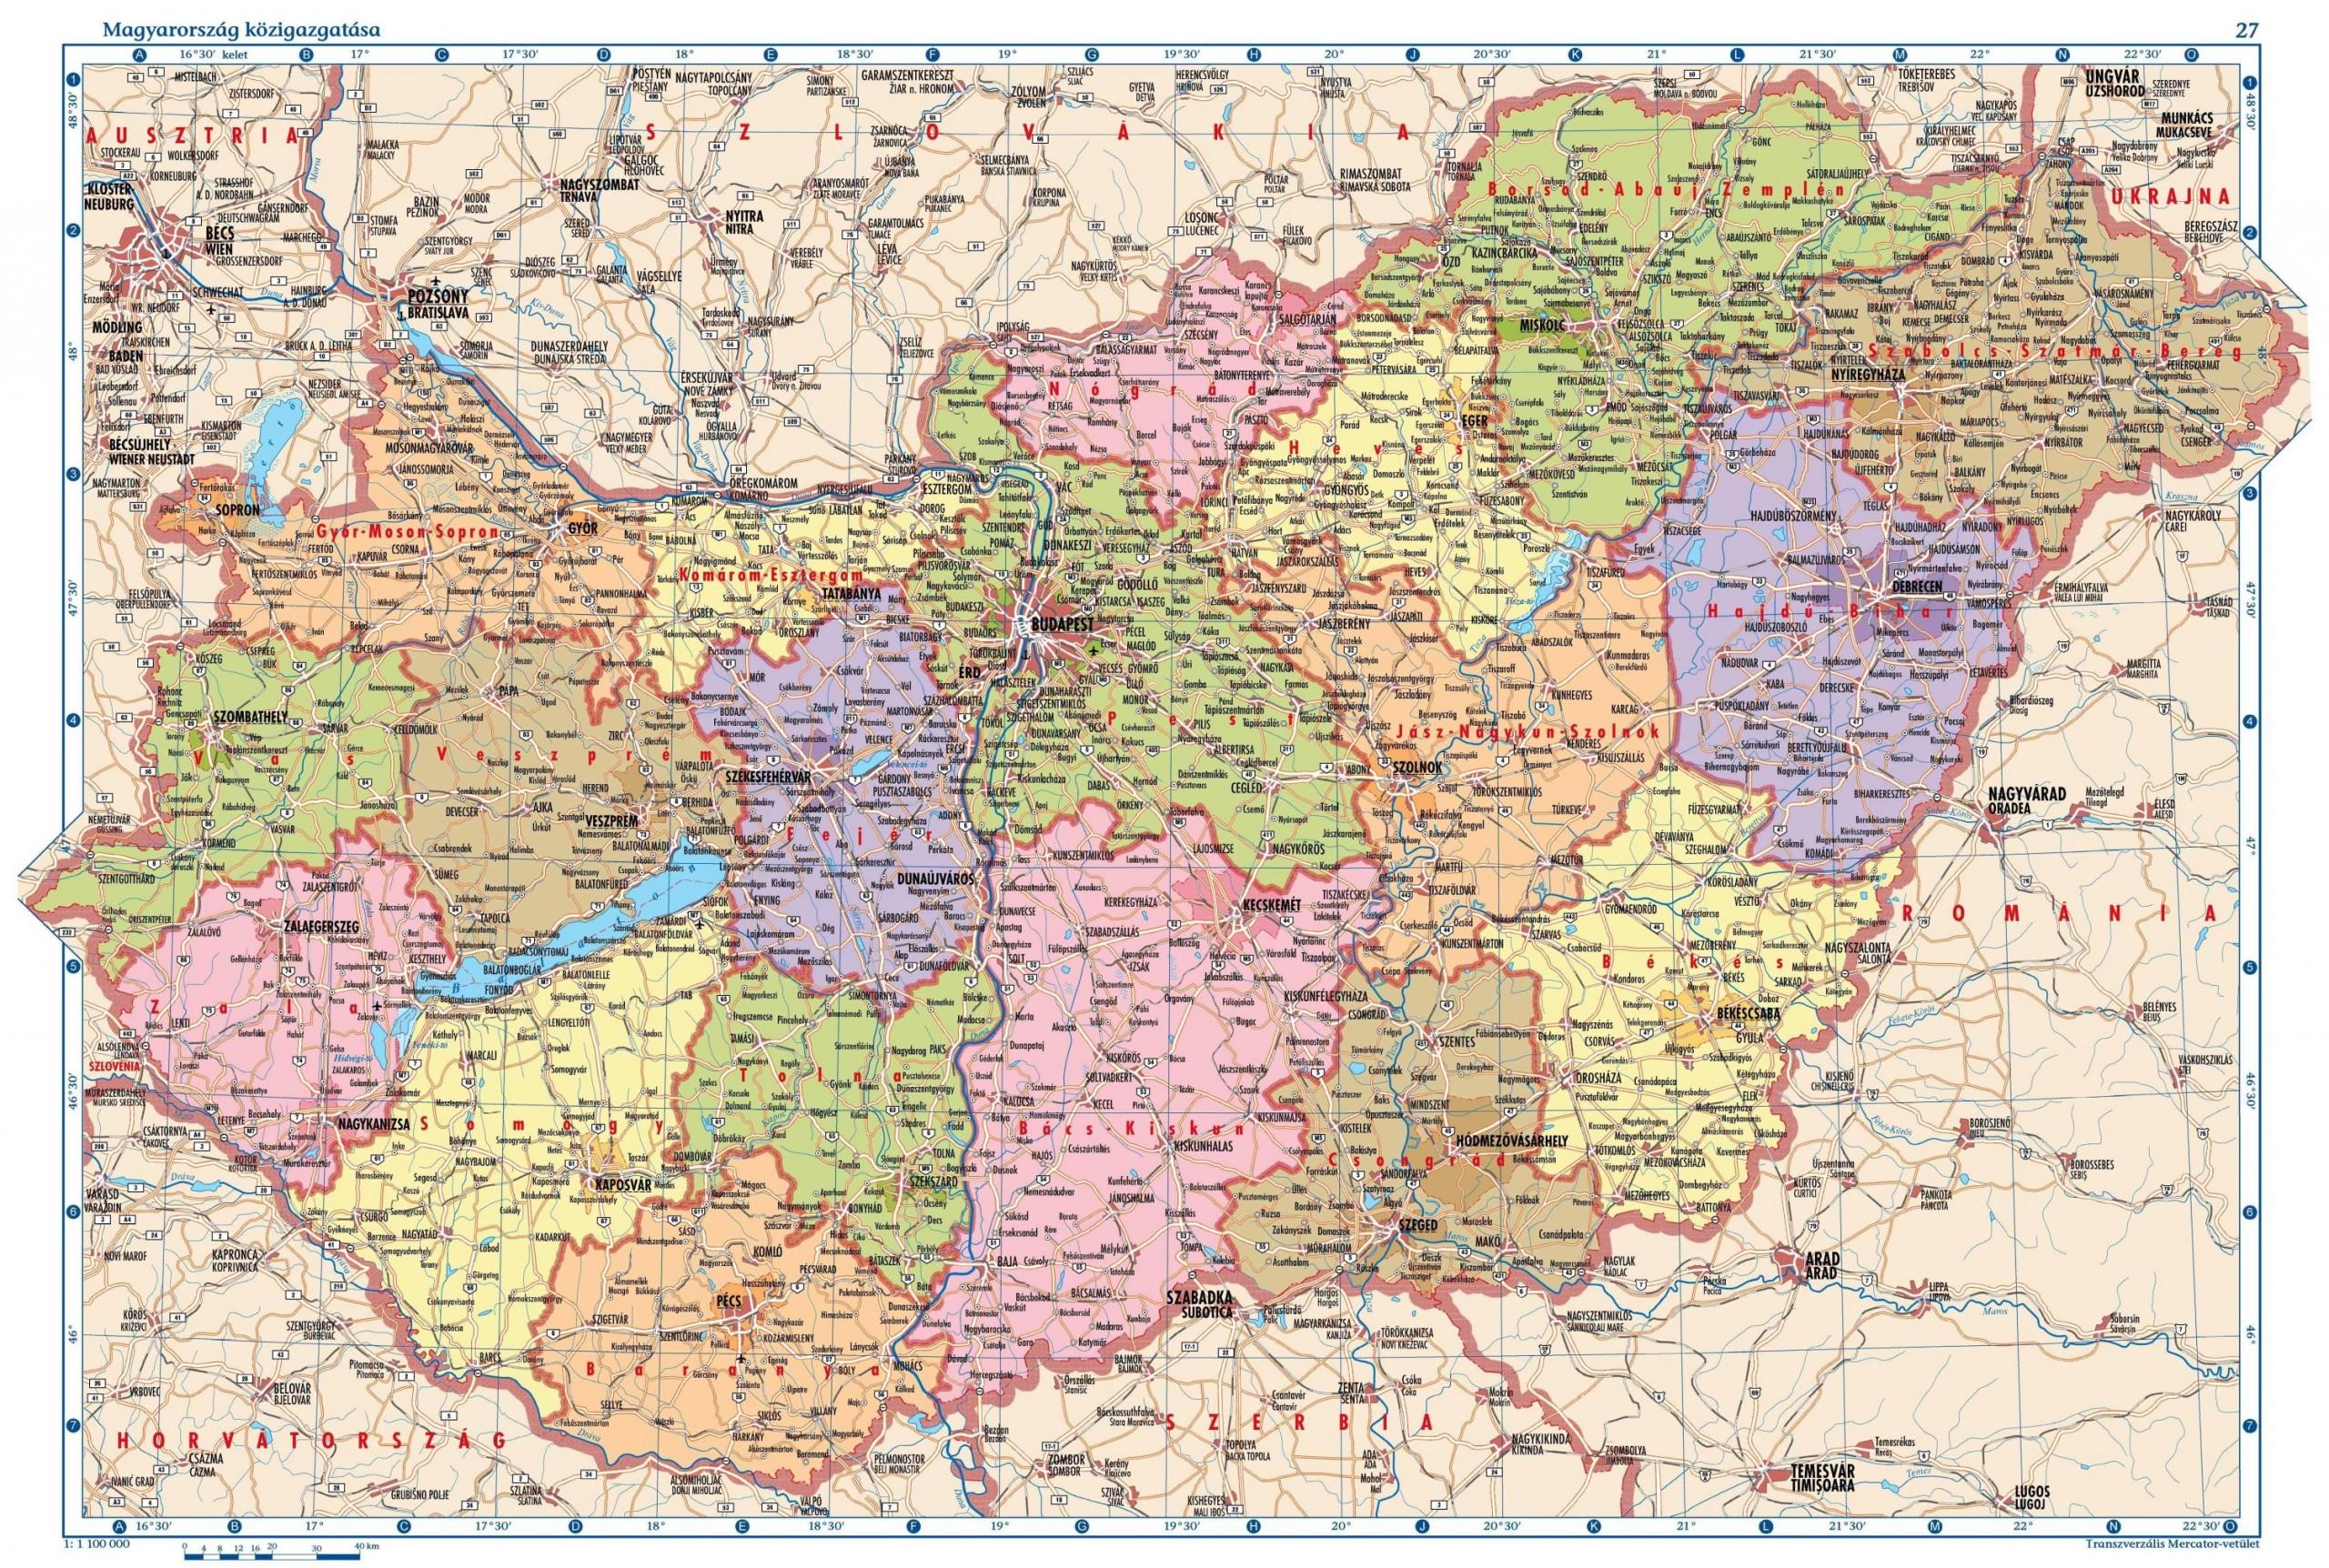 térkép magyarország letöltés Térképek térkép magyarország letöltés